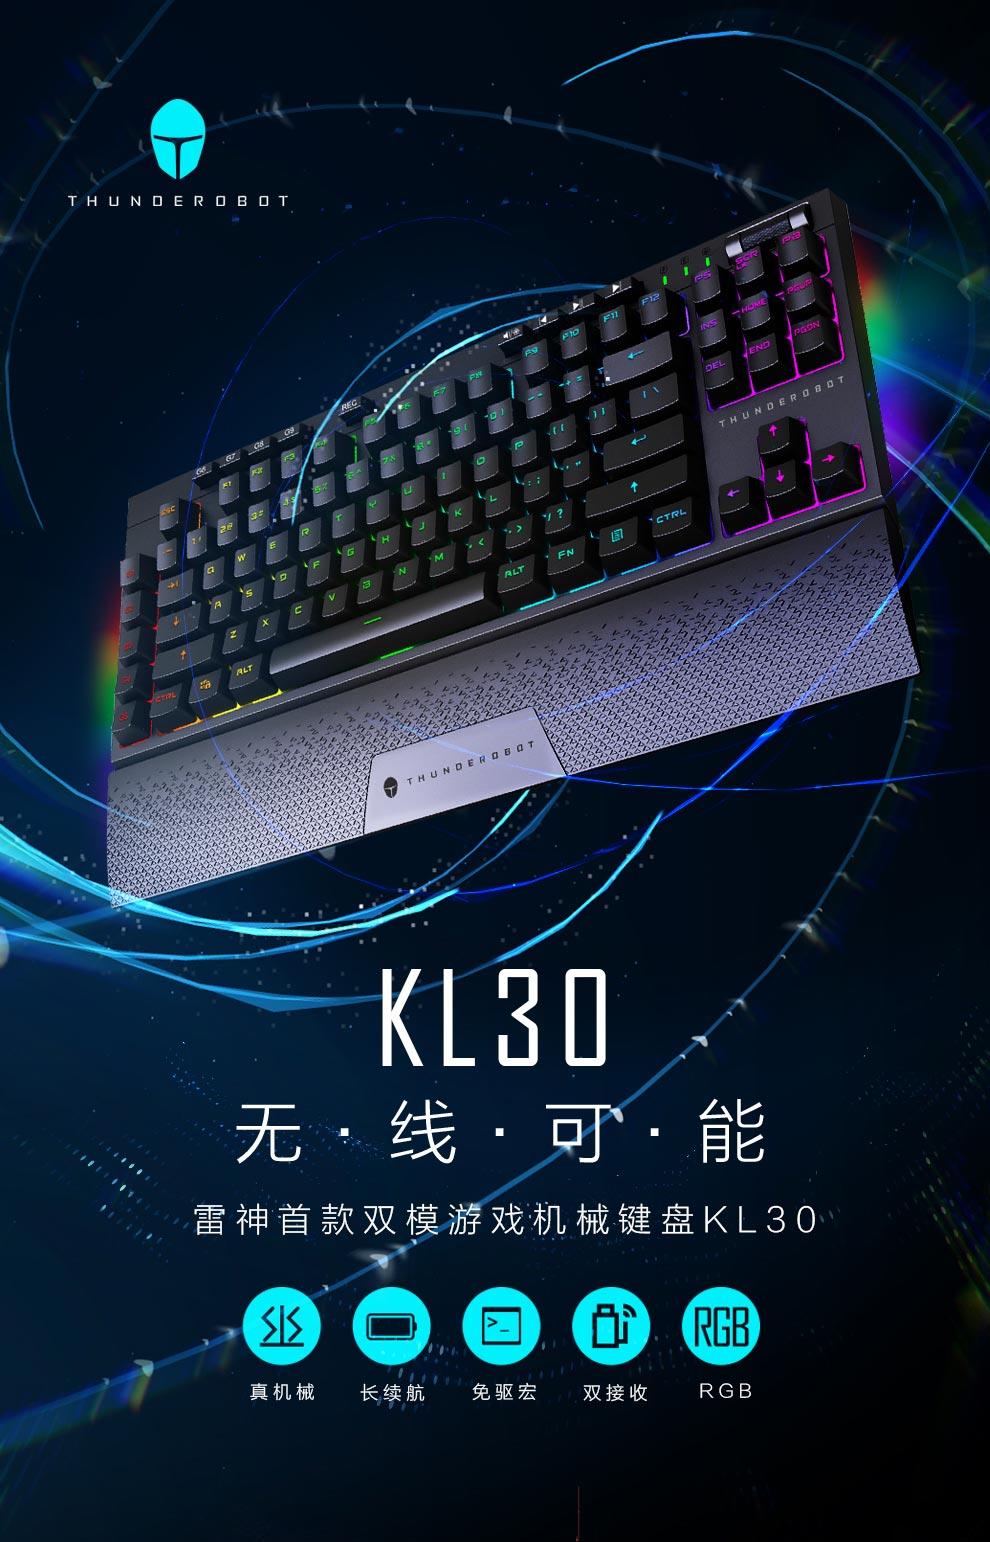 KL30_01.jpg